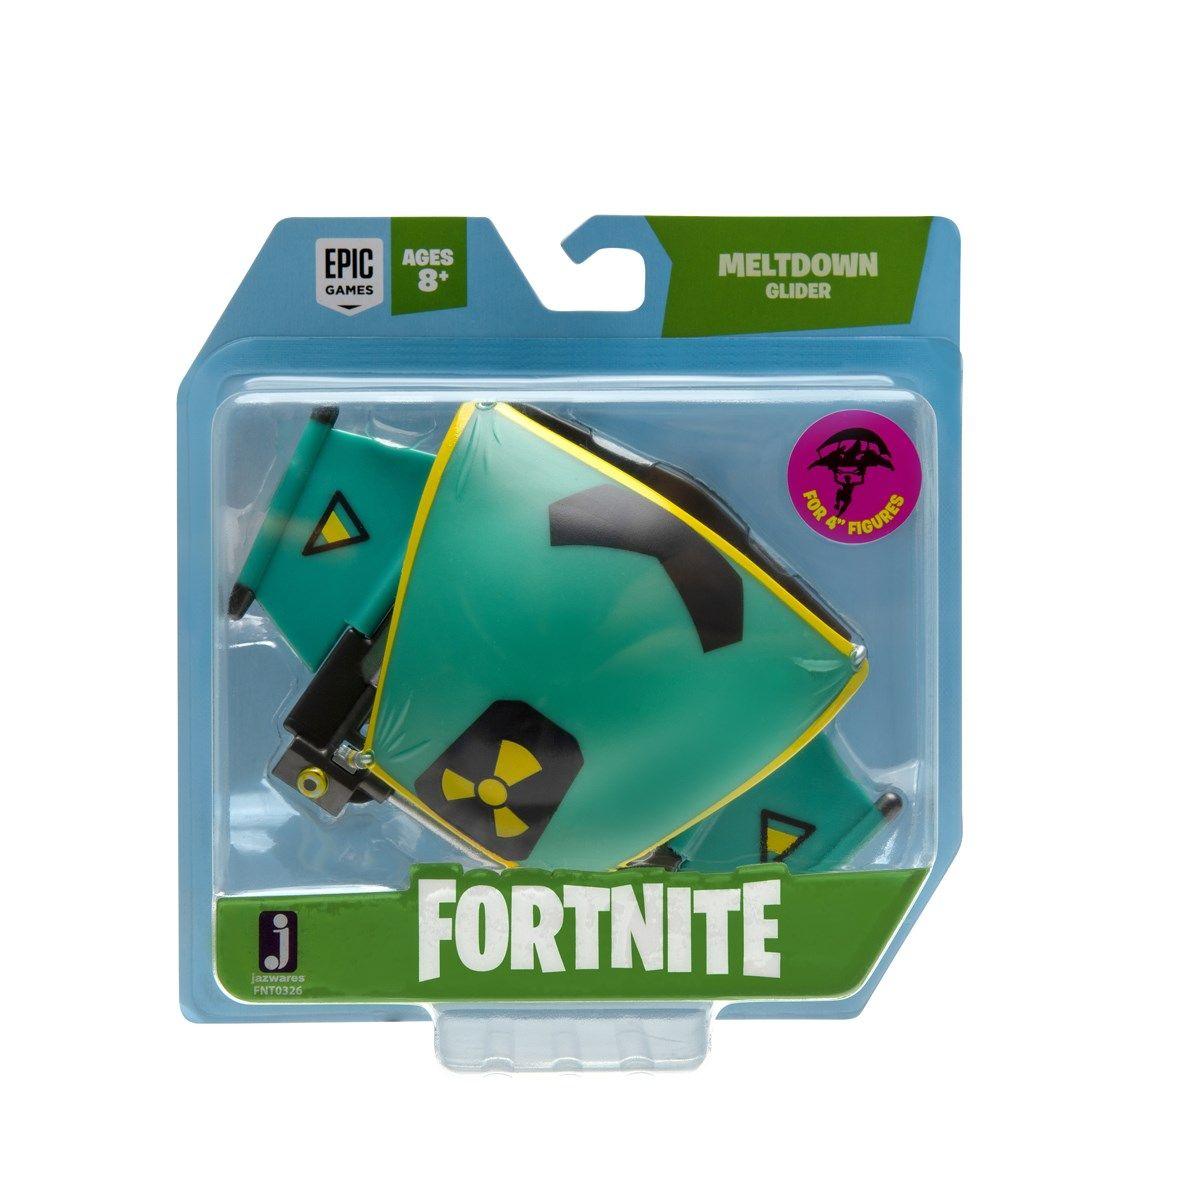 Fortnite - Free Play Gliders (922-0318)